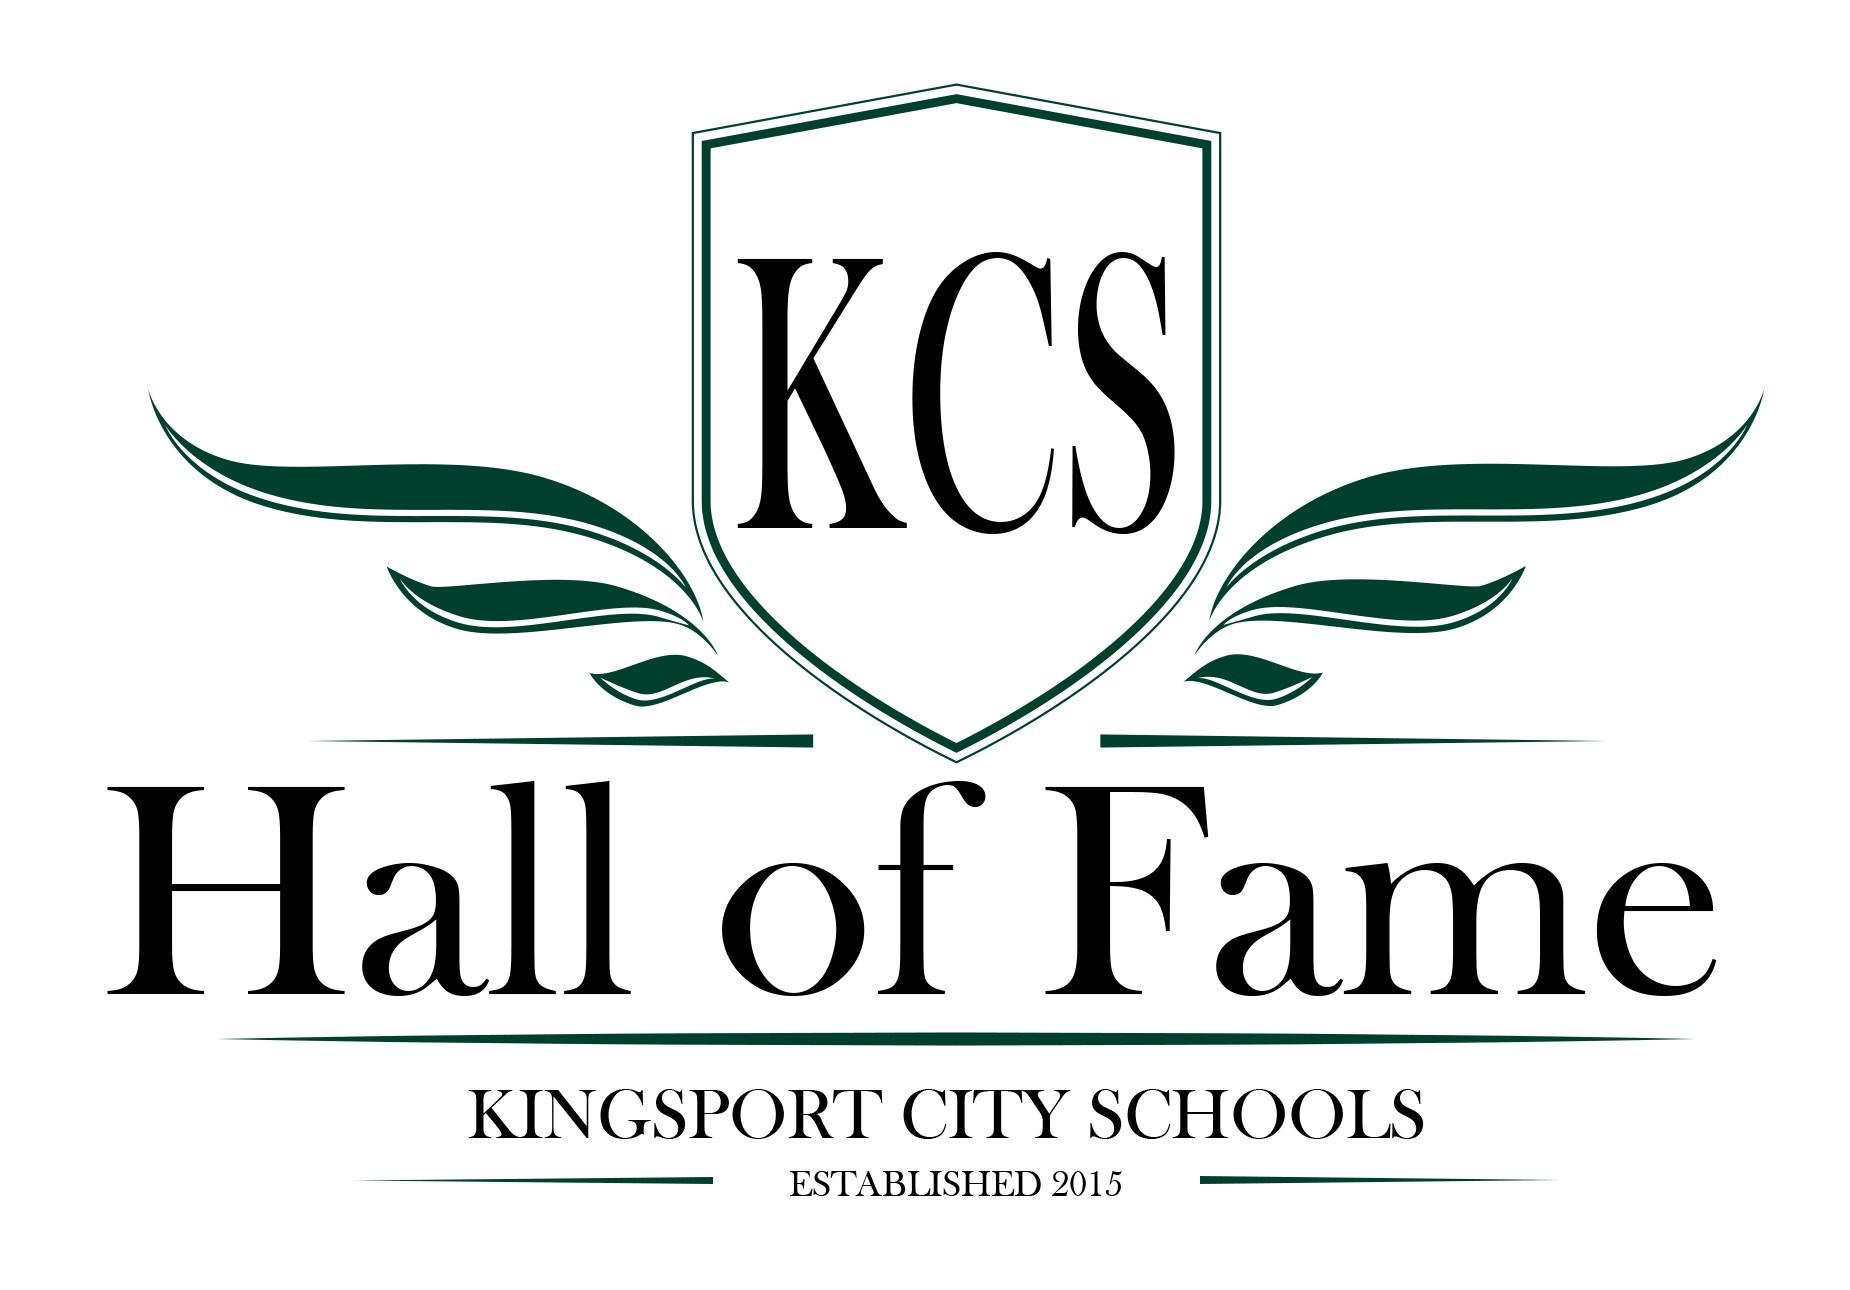 KCS Hall of Fame logo